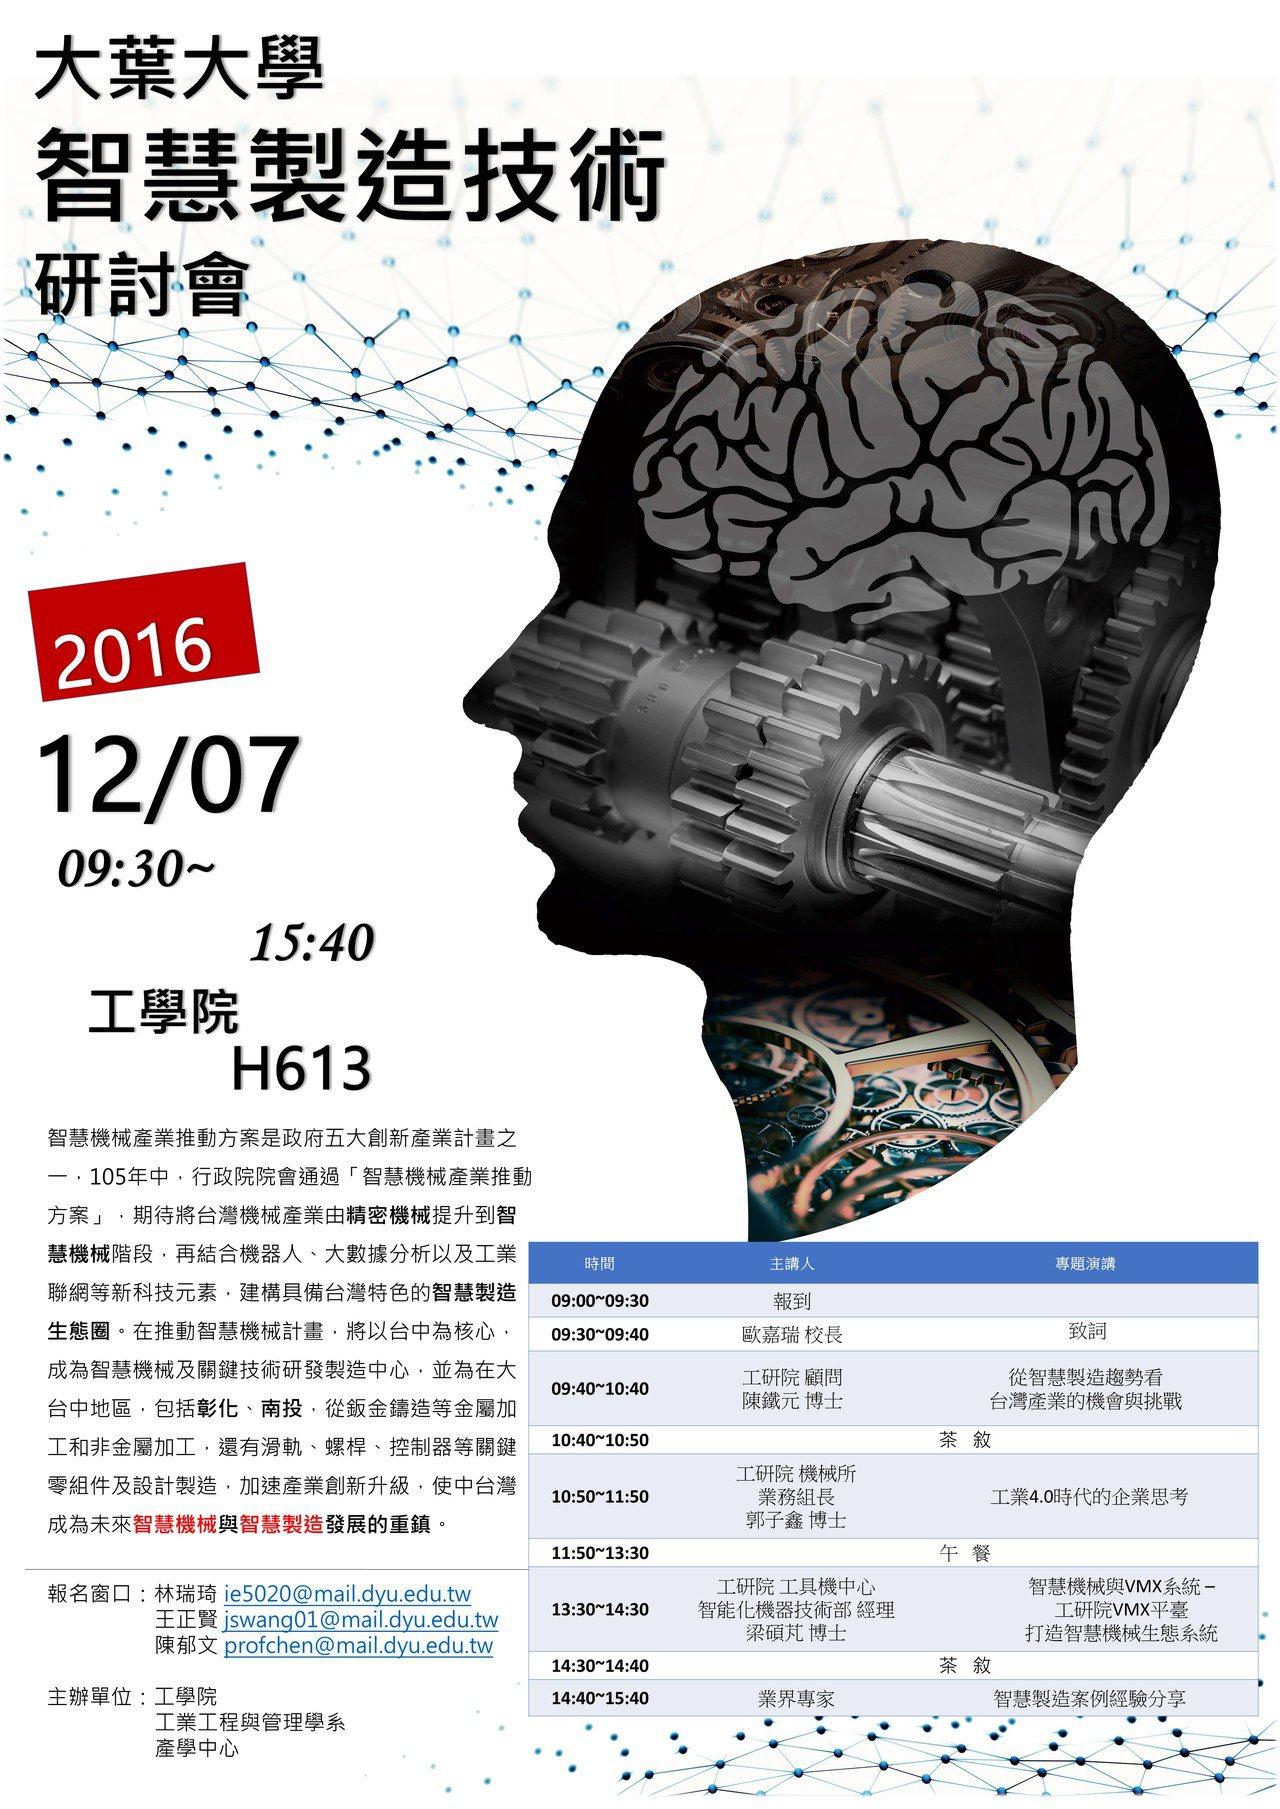 大葉大學舉辦智慧製造研討會。 大葉大學/提供